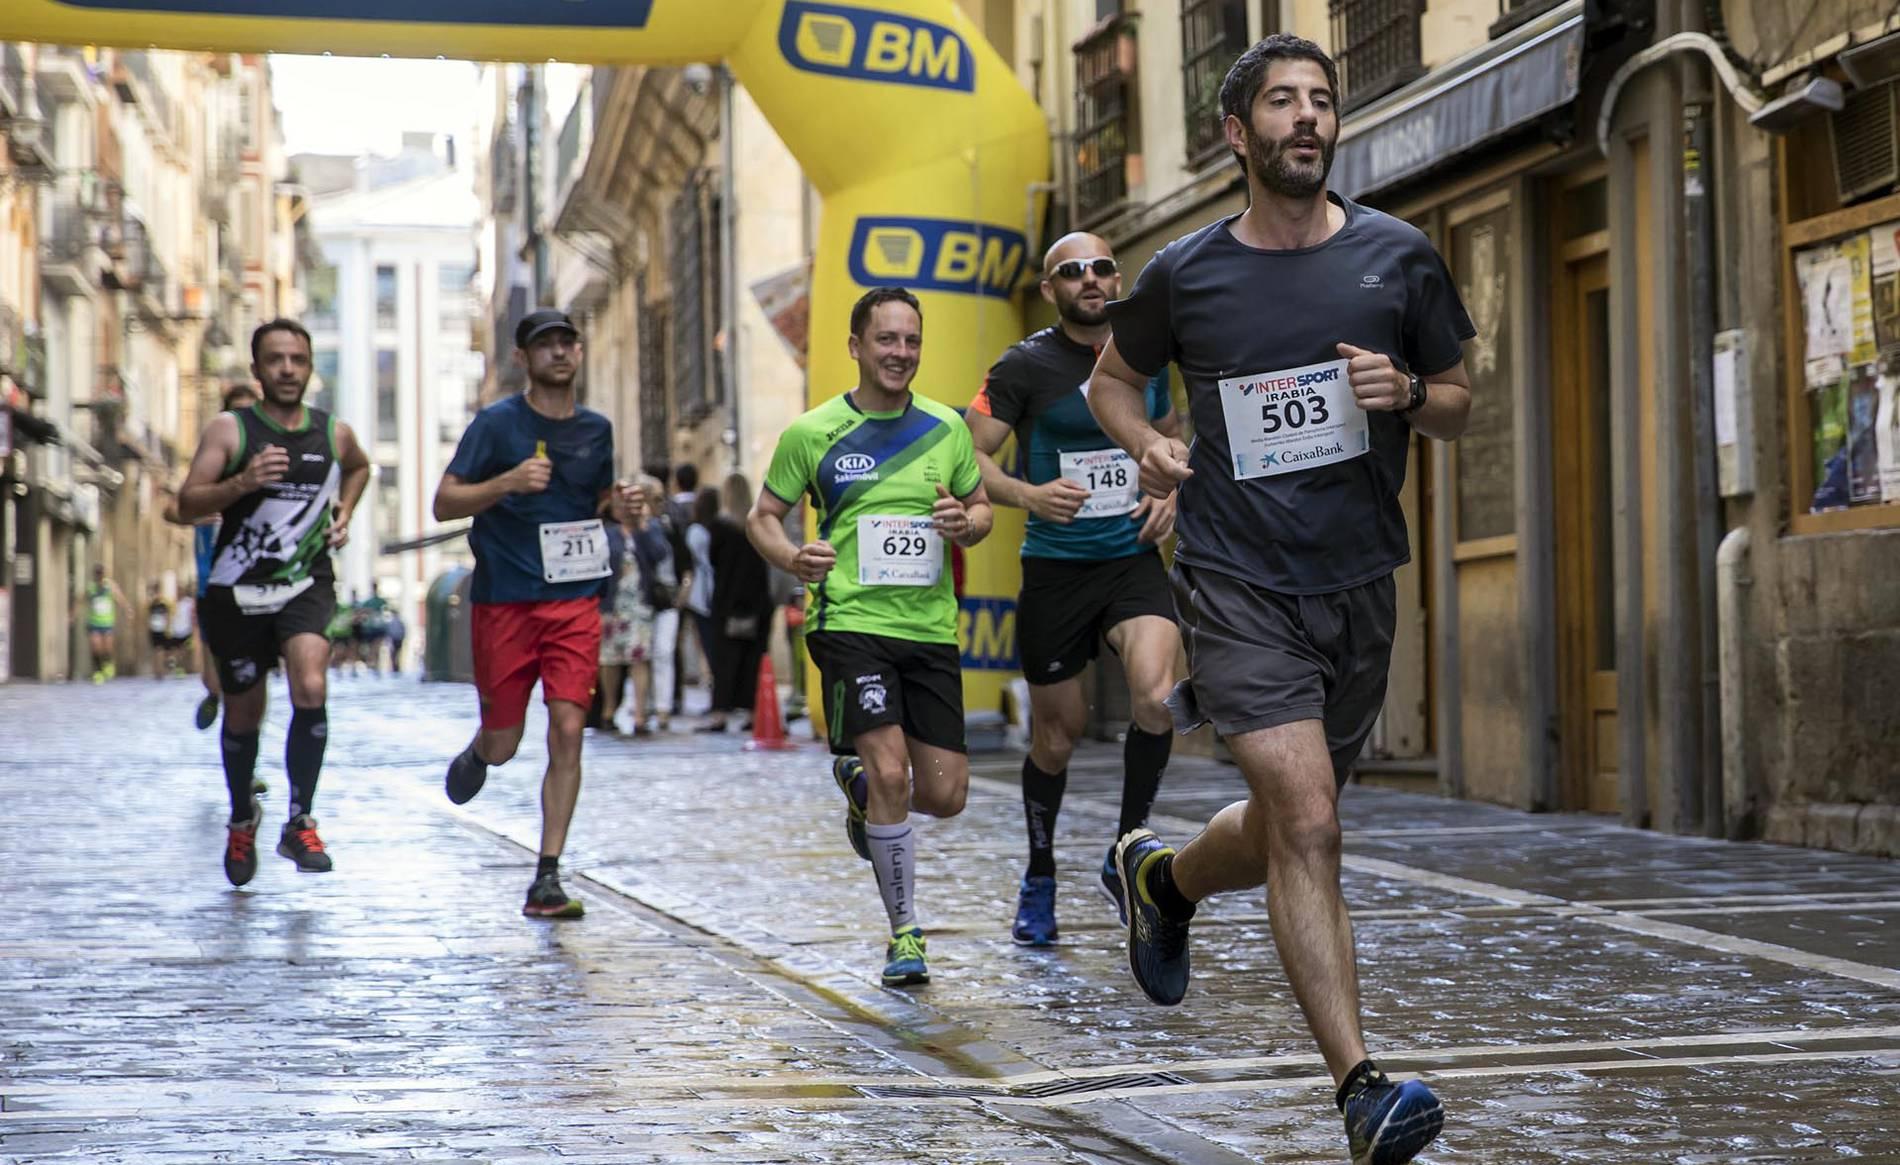 Medio Maratón de Pamplona (1/46) - Hafidi y Malón se han impuesto en la 36ª edición de la carrera. - Fotos DNRunning -